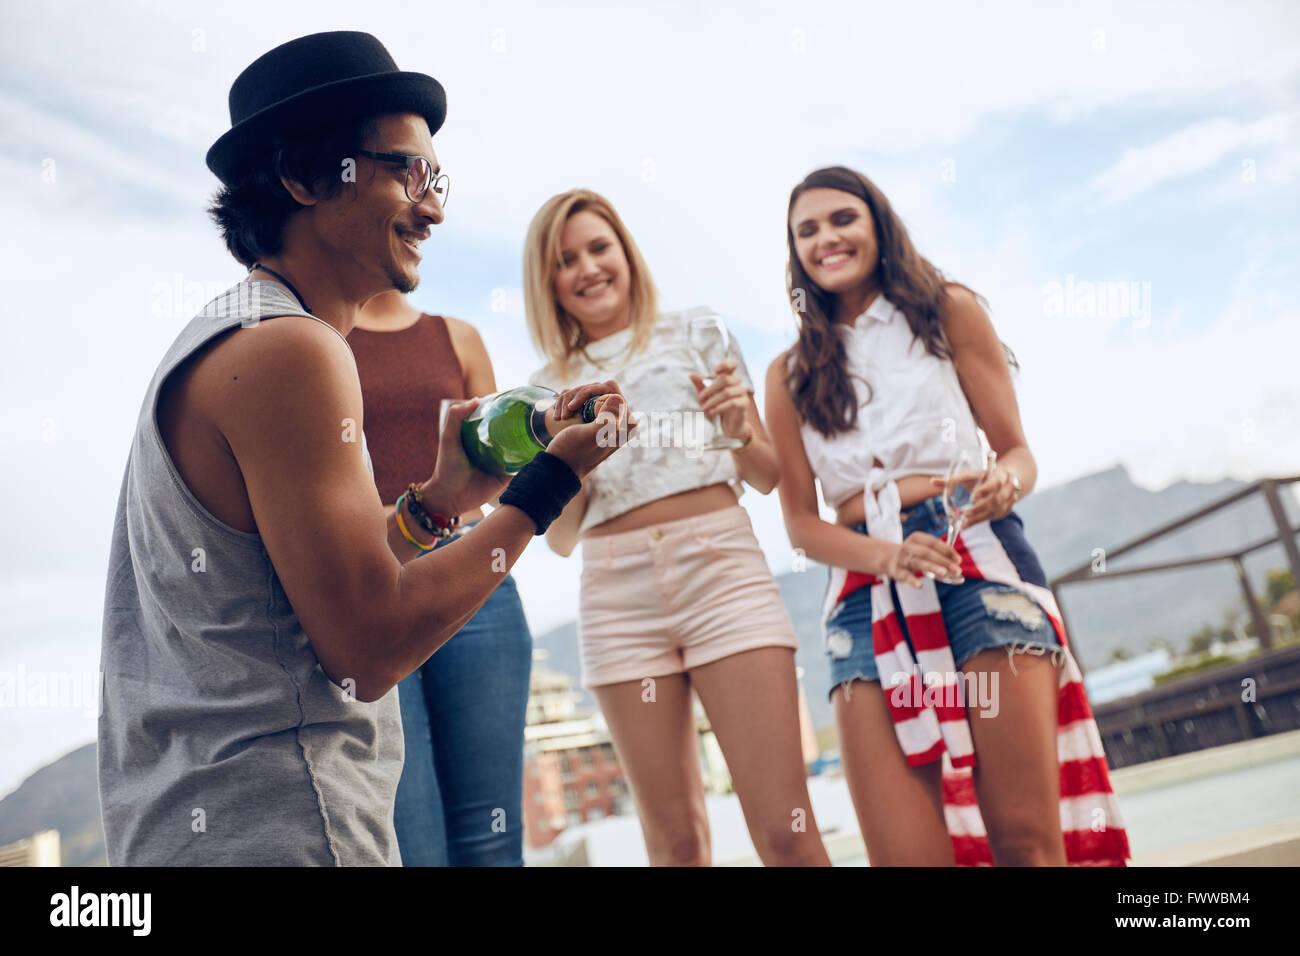 Im Freien Schuss des jungen Mannes öffnen eine Flasche Champagner mit Freundinnen im Hintergrund am Pool stehen. Stockbild